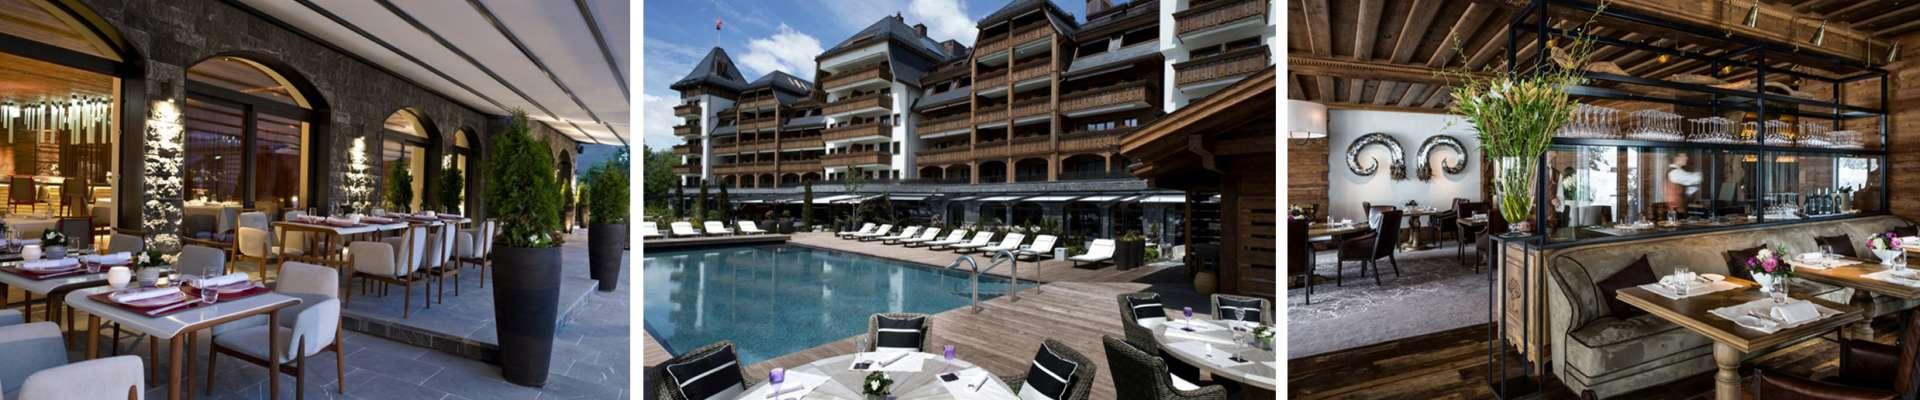 מסעדות ובריכה במלון אלפינה בגשטאט - קומפוזיציה